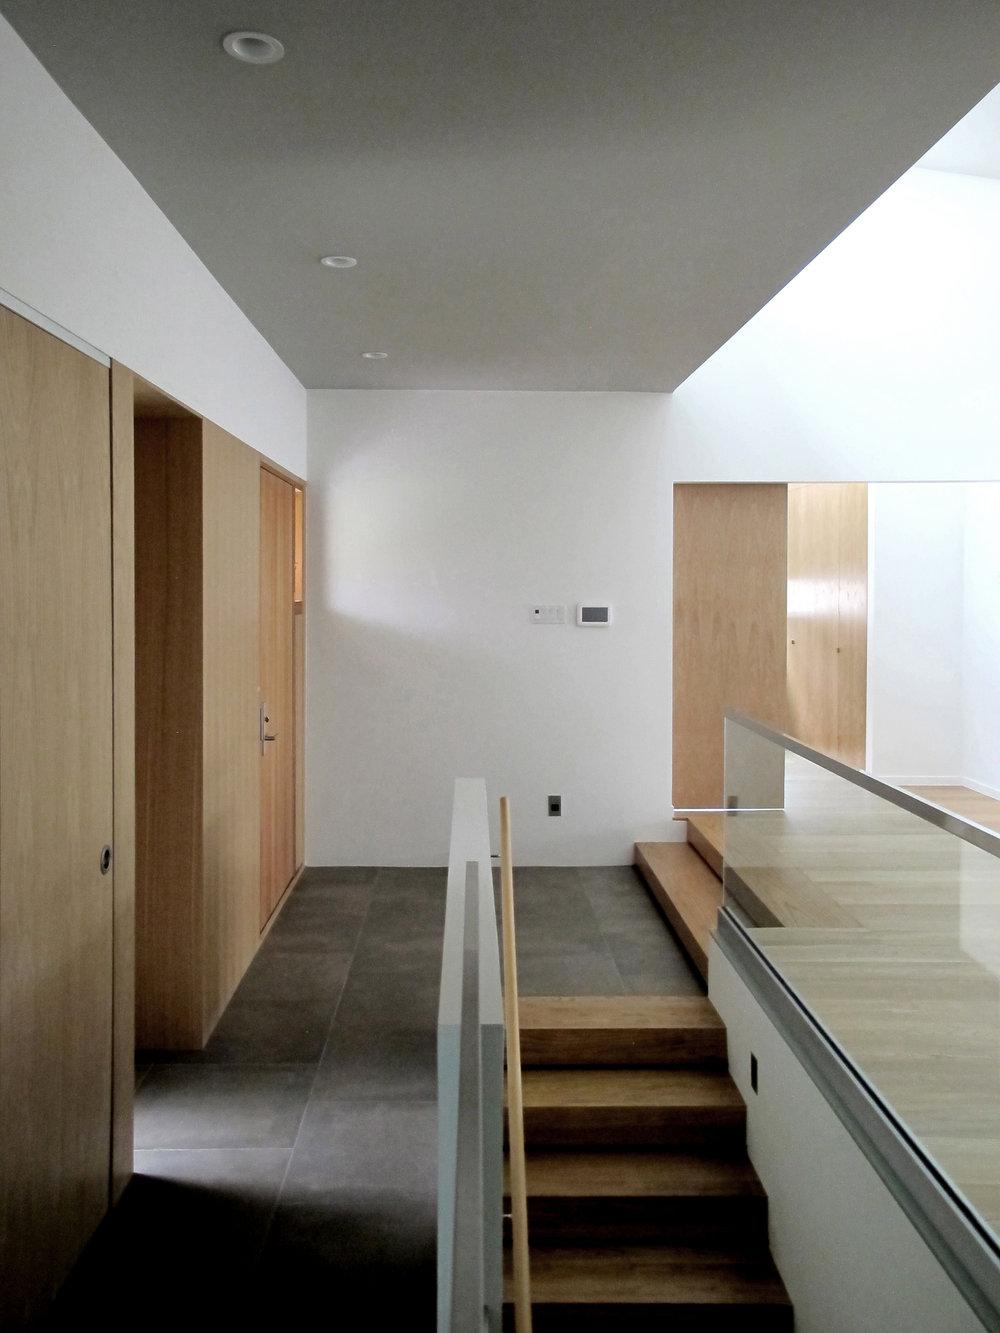 Highlawn foyer-2 HR 2500x1875.jpg